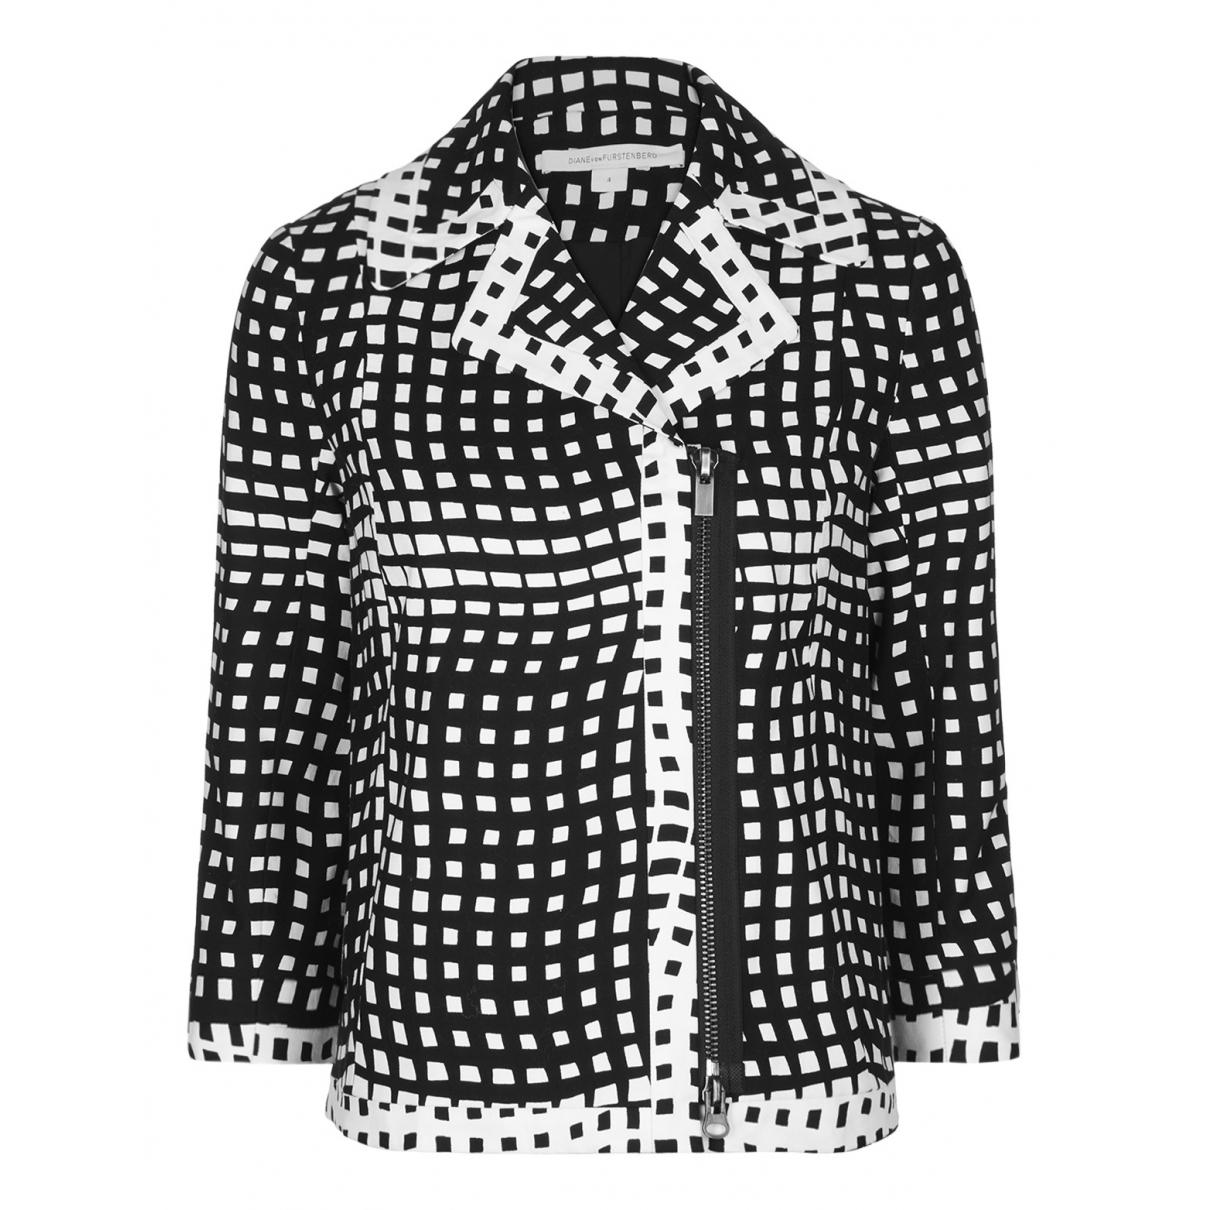 Diane Von Furstenberg N Multicolour Cotton jacket for Women 8 UK